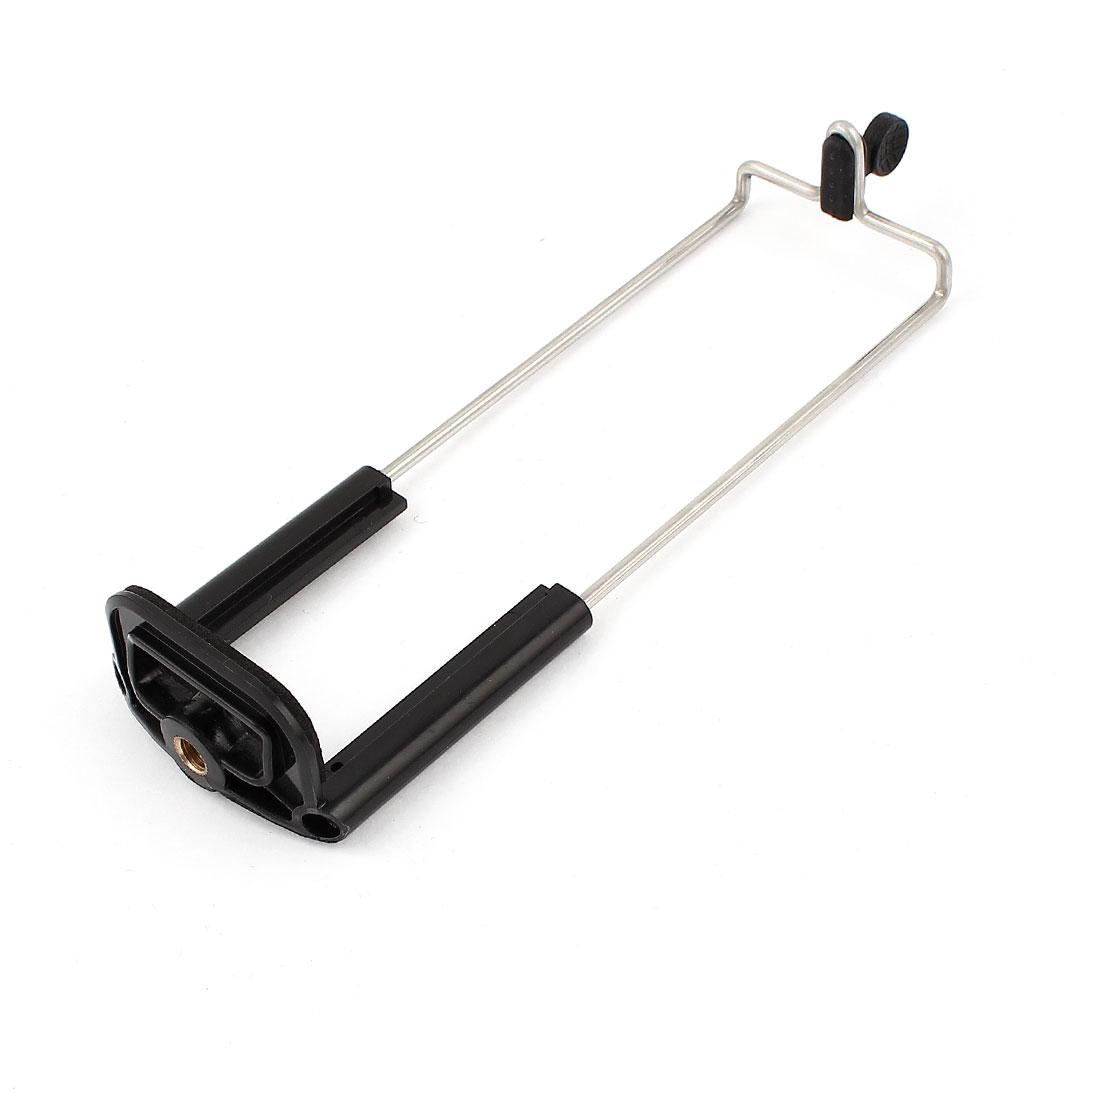 Black Plastic Adjustable Bracket Desk Stand Holder for Tablet PC GPS